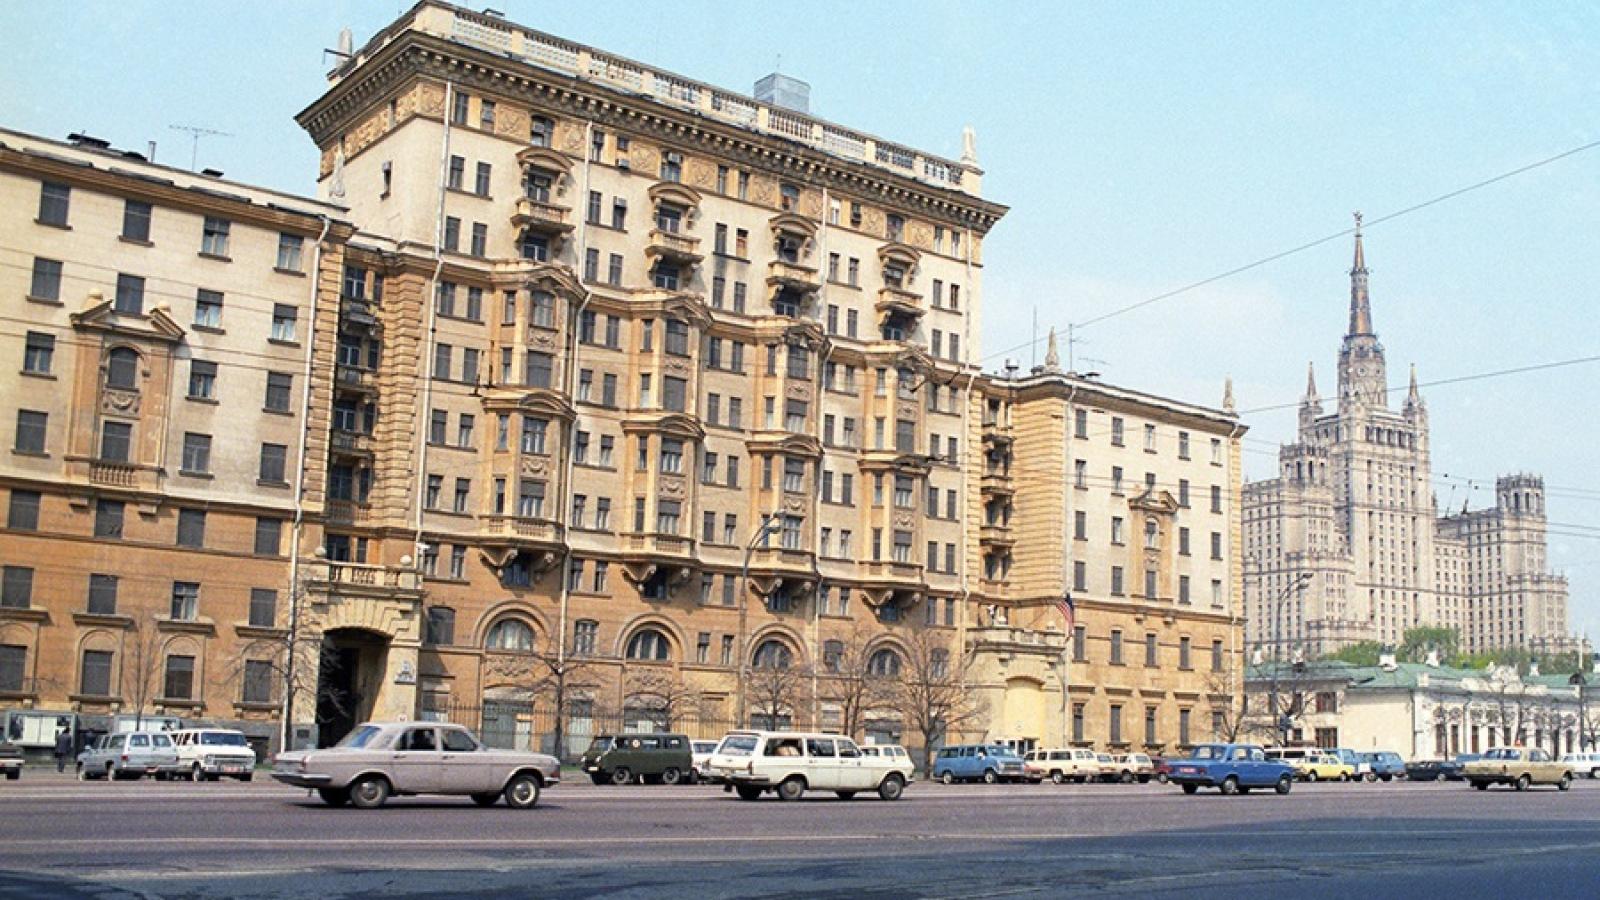 Đặc nhiệm KGB (Liên Xô) vô hiệu hóa khủng bố bên trong Đại sứ quán Mỹ ở Moscow 1979 ra sao